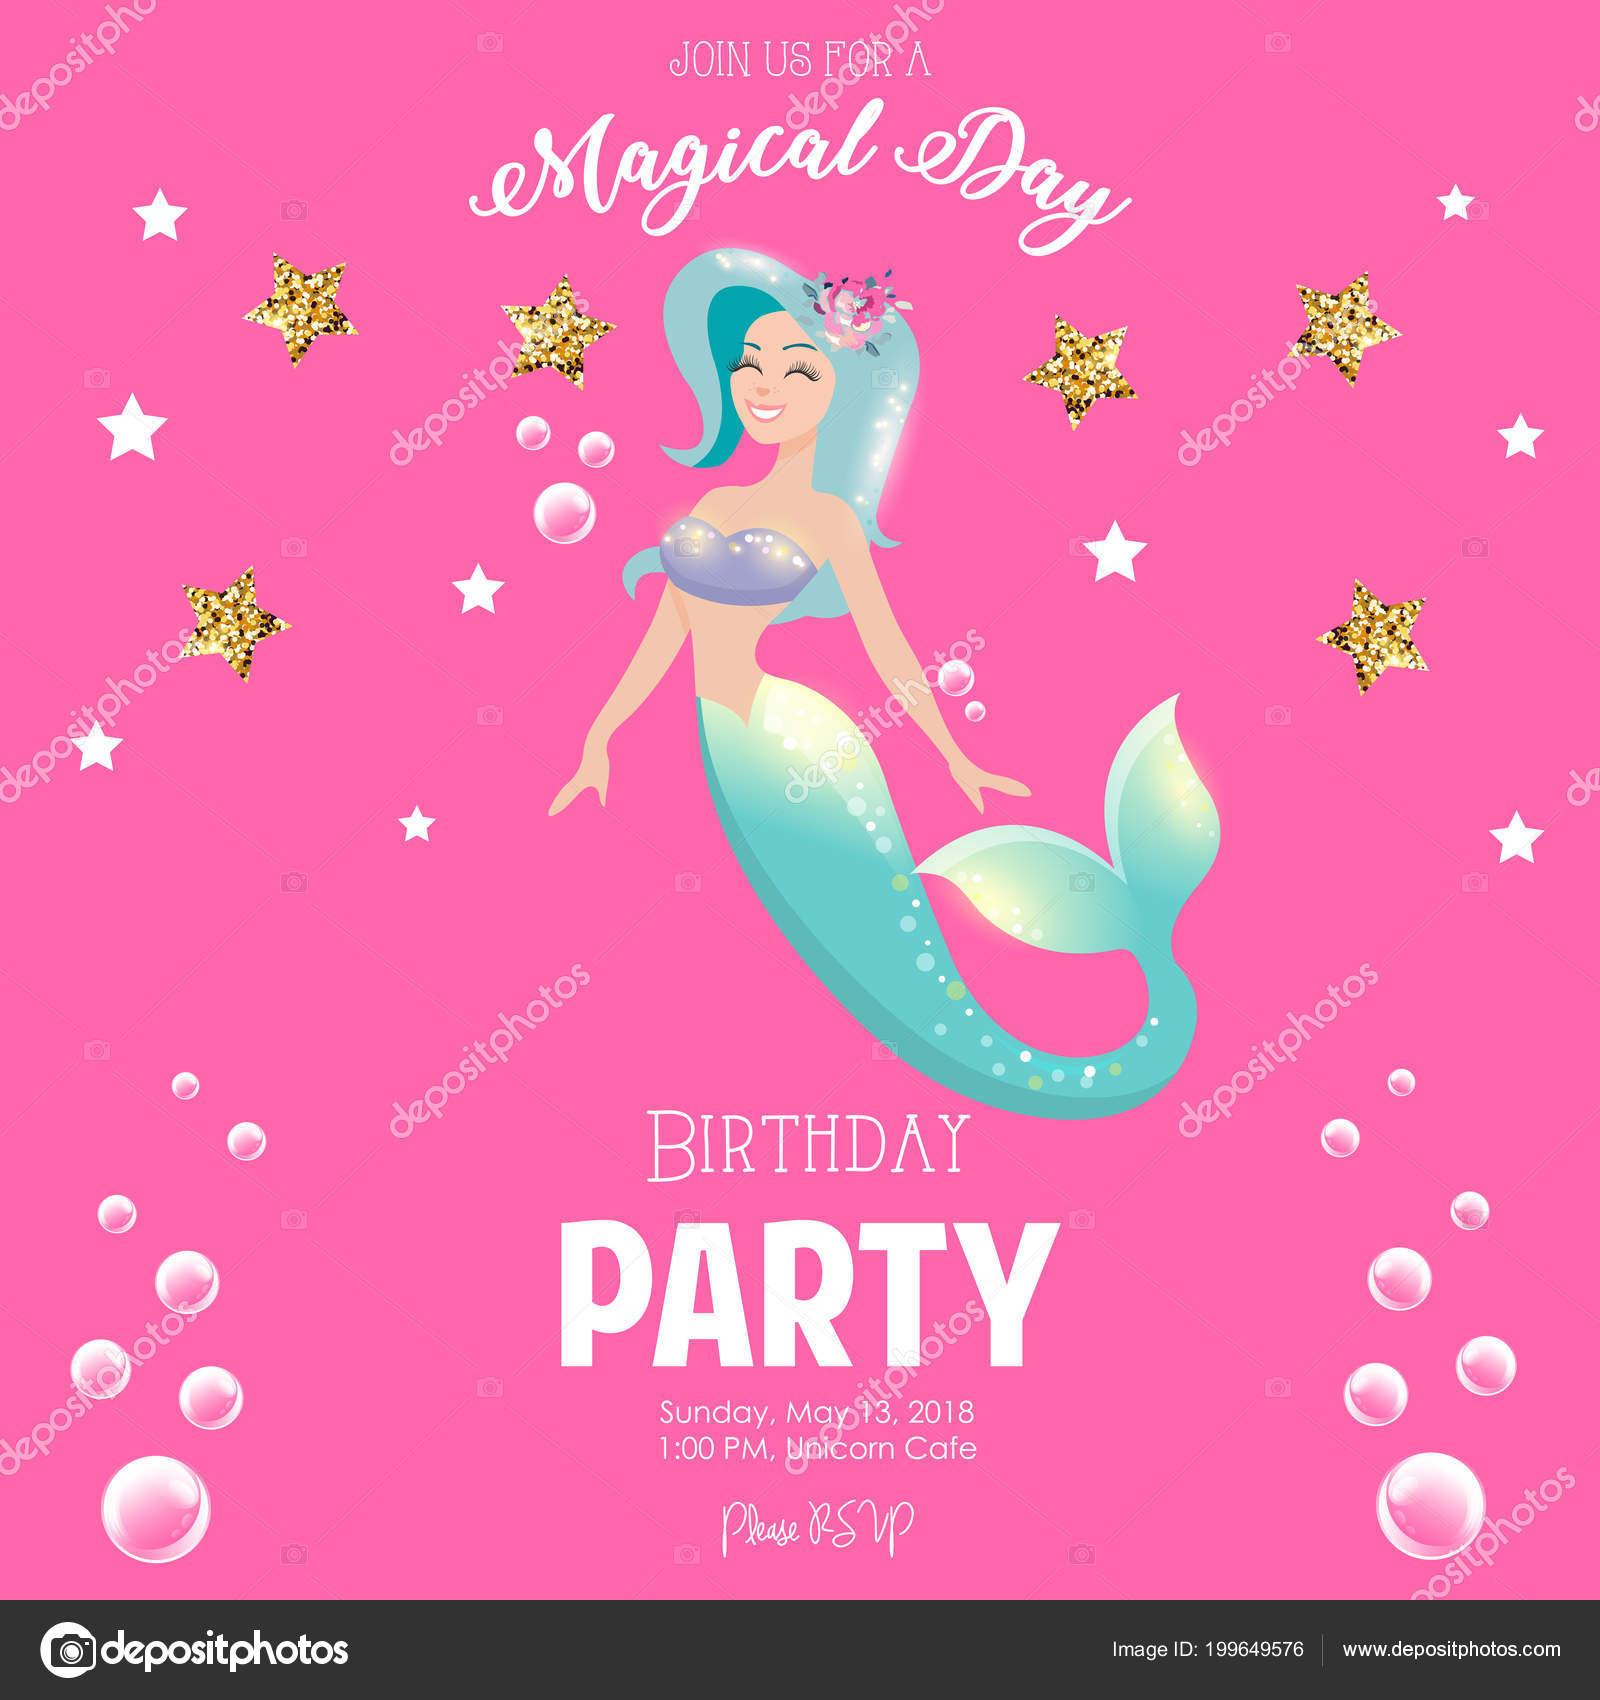 誕生日パーティの招待状マーメイド ピンク背景の上のカラフルなベクトル